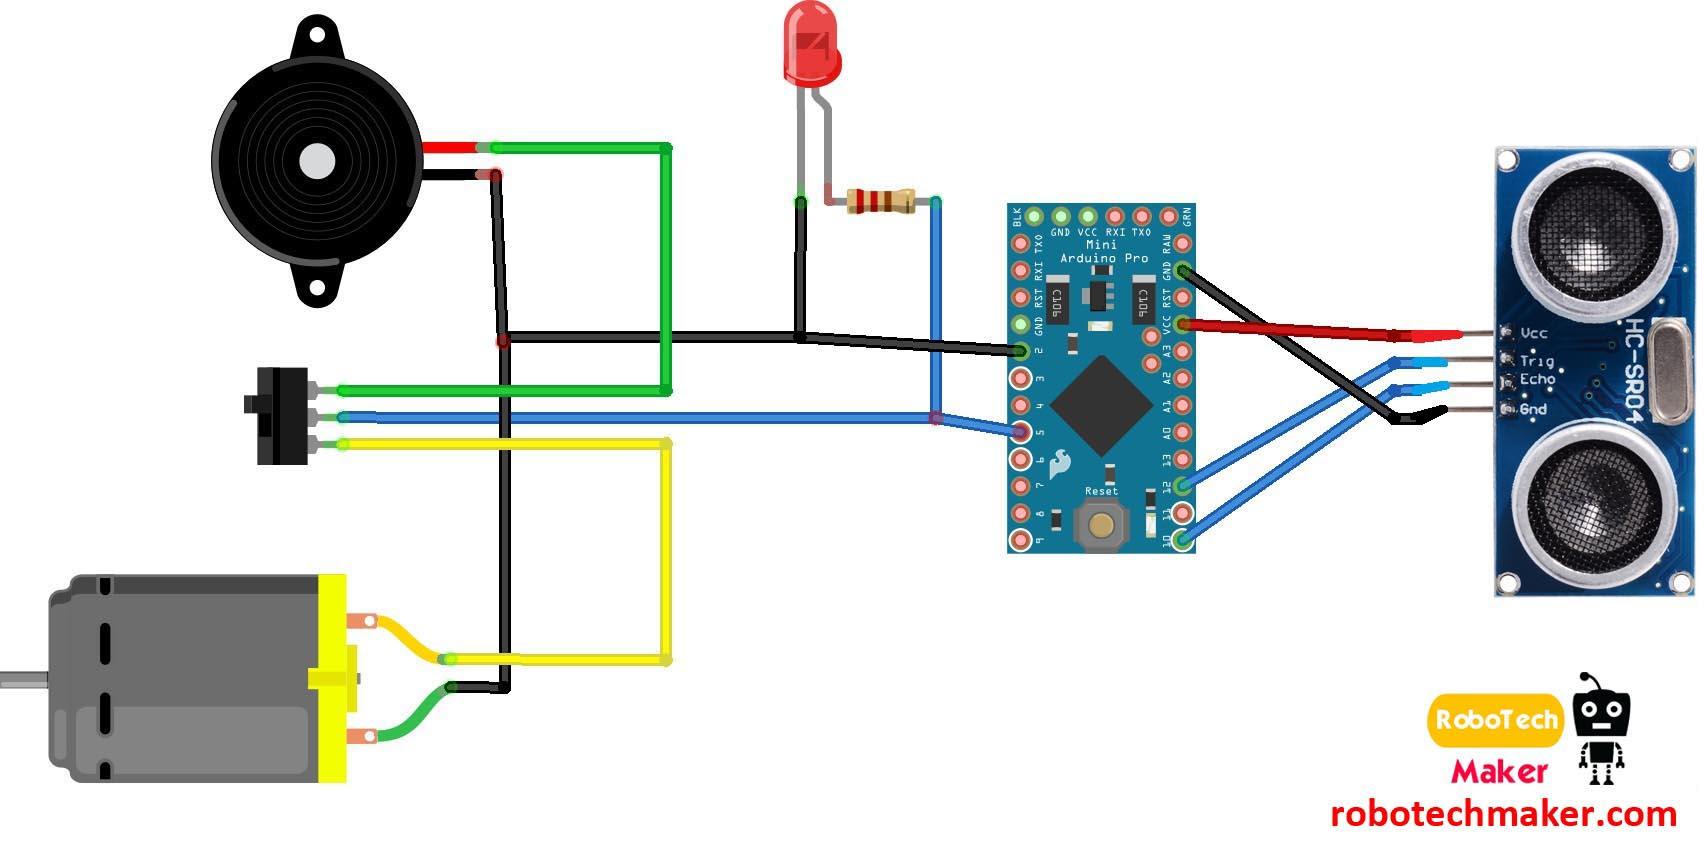 Circuit diagram wsif9h0rwf